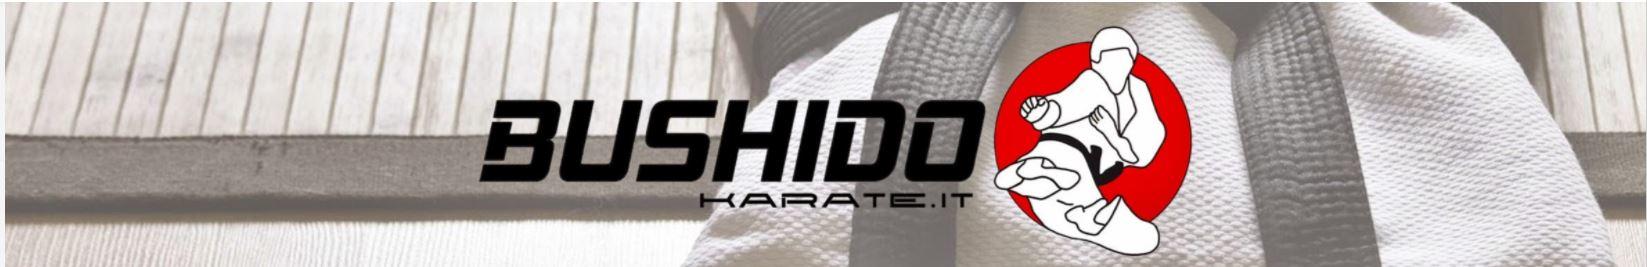 Bushido Karate Associazione Sportiva Dilettantistica